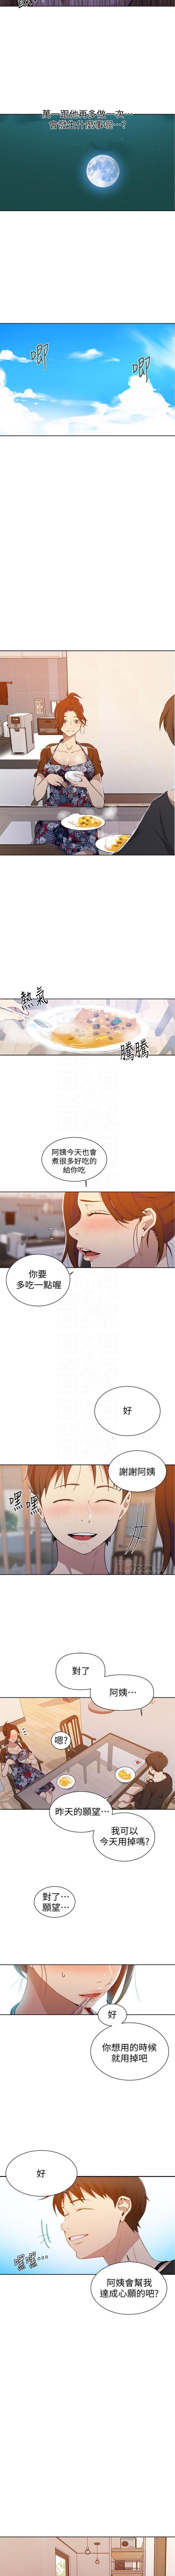 秘密教學  1-55 官方中文(連載中) 279